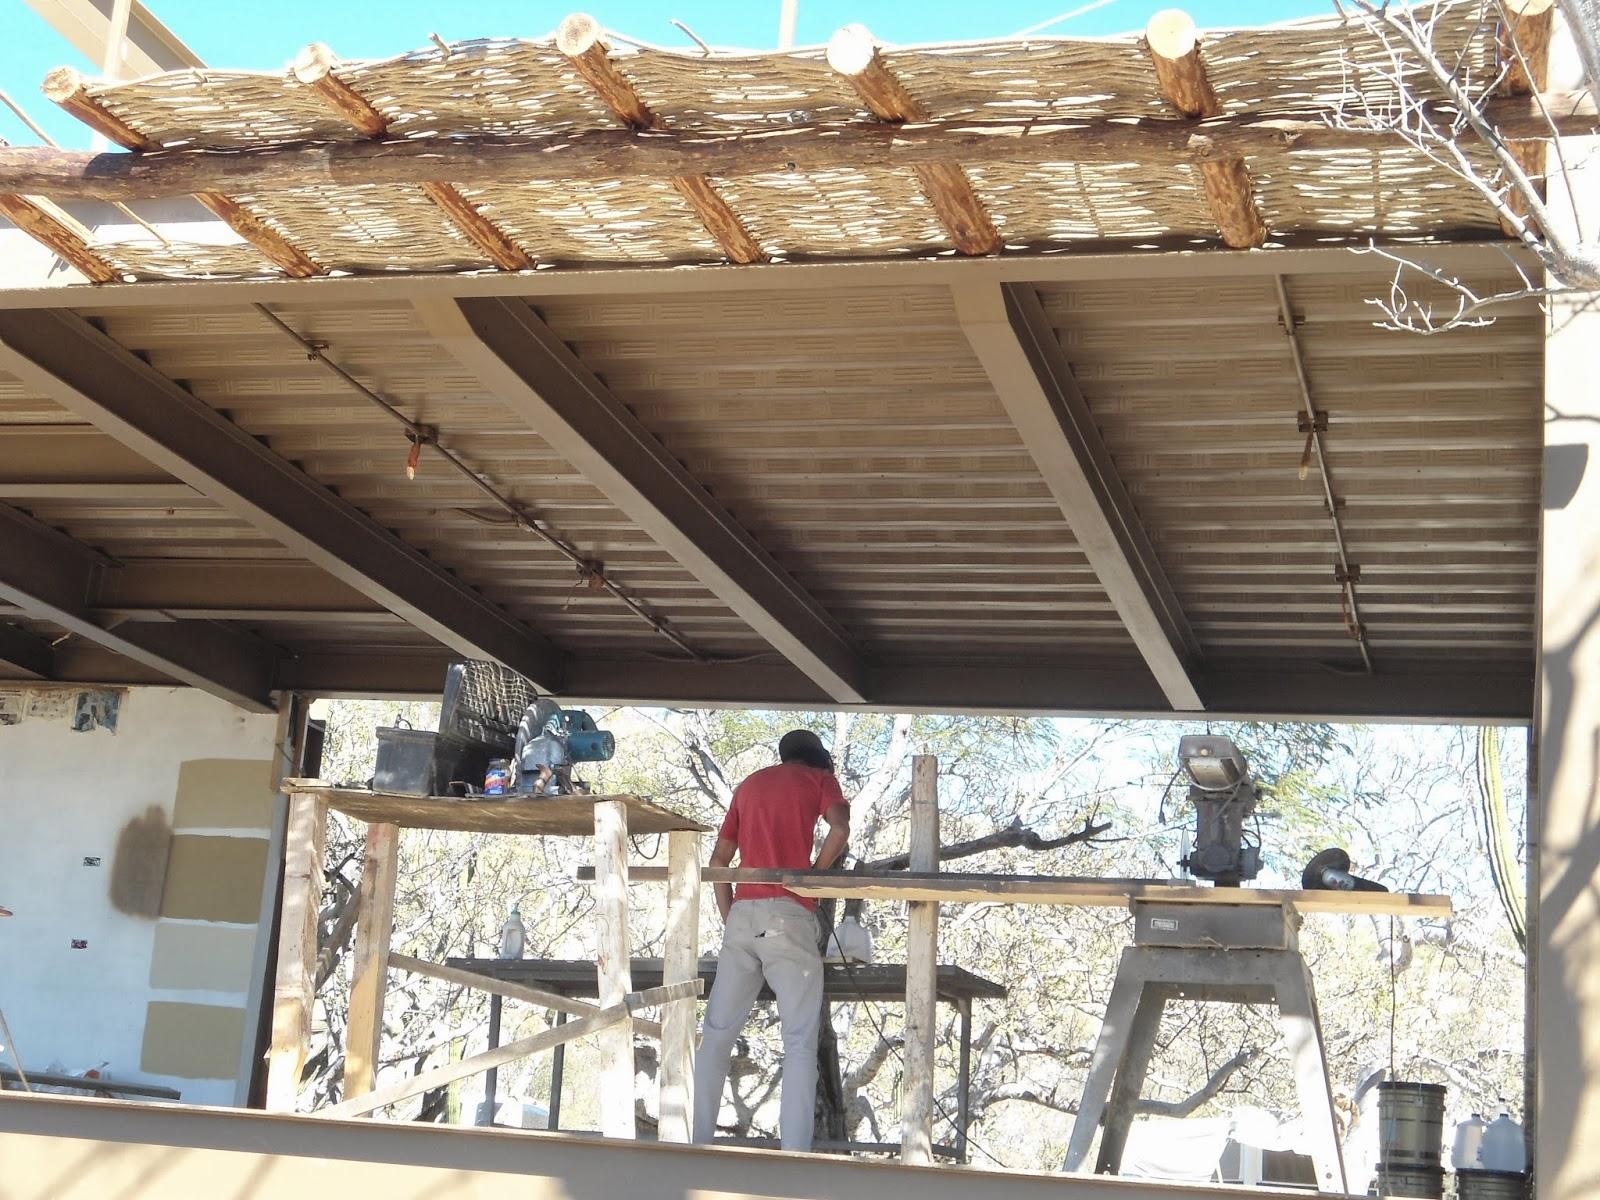 Somos galer a de artesan as coguaype noviembre 2014 - Techos de madera rusticos ...